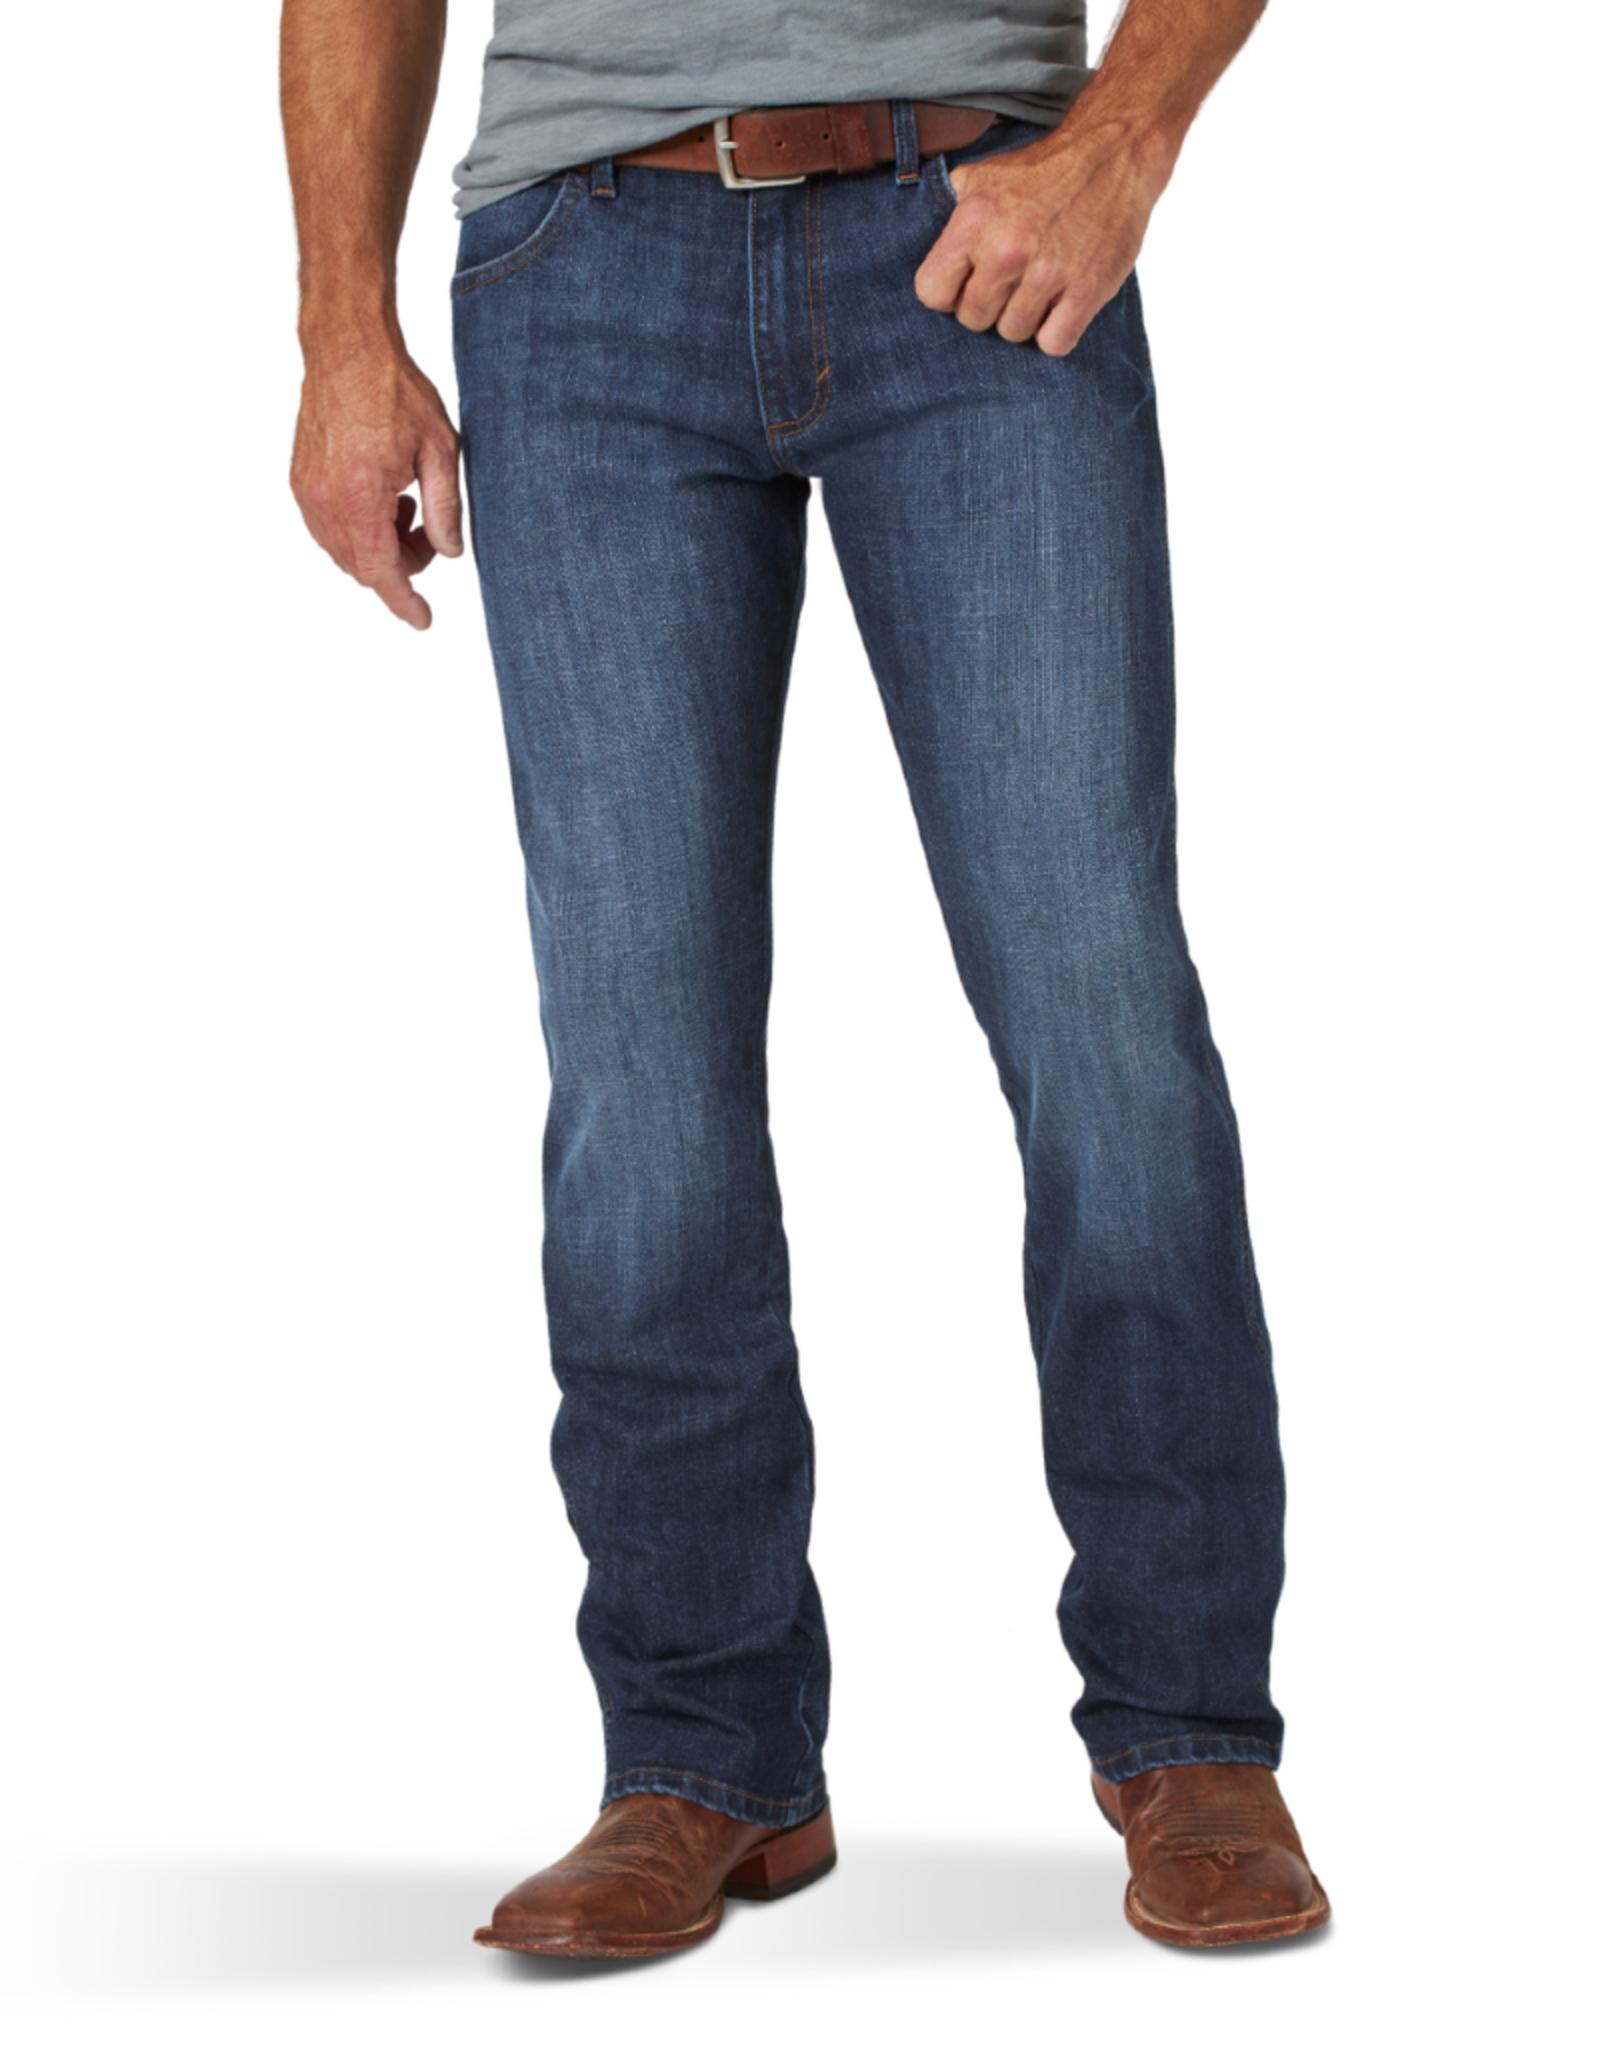 Wrangler Wrangler Retro Slim Stretch Boot Cut Jeans